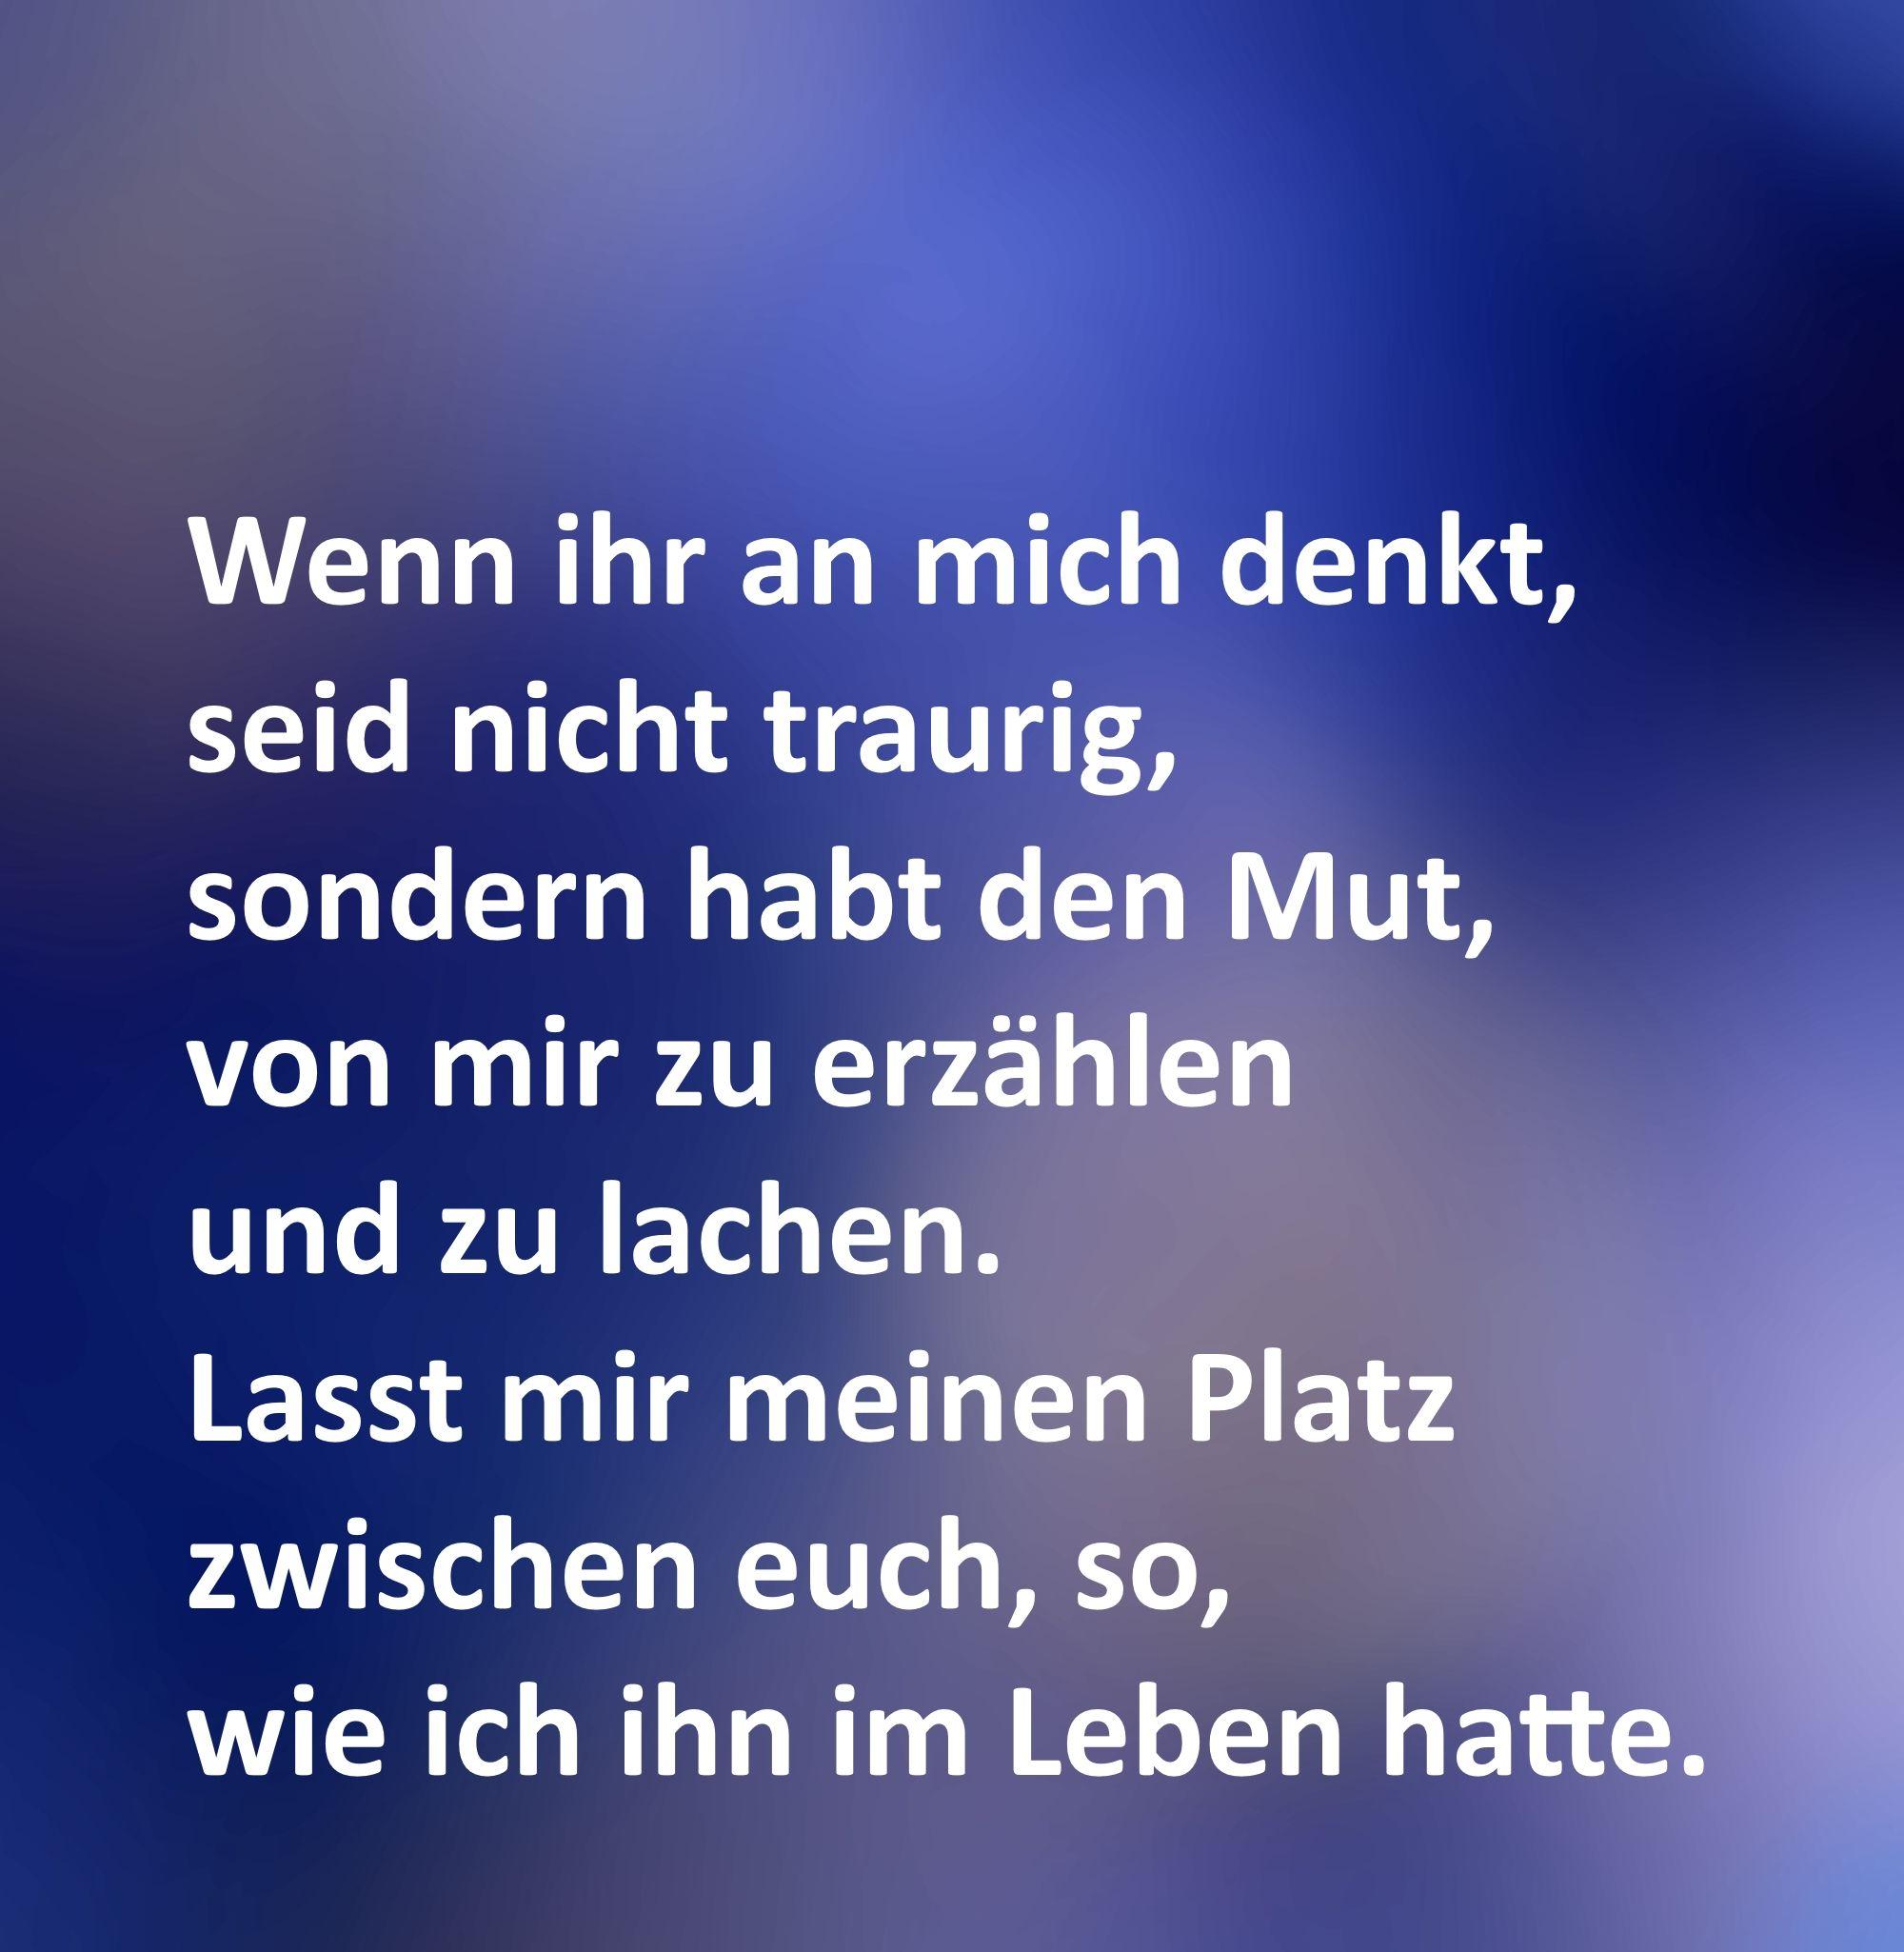 Textbilder Gestalten Iris Willecke Spruche Trauer Trauer Texte Trostende Worte